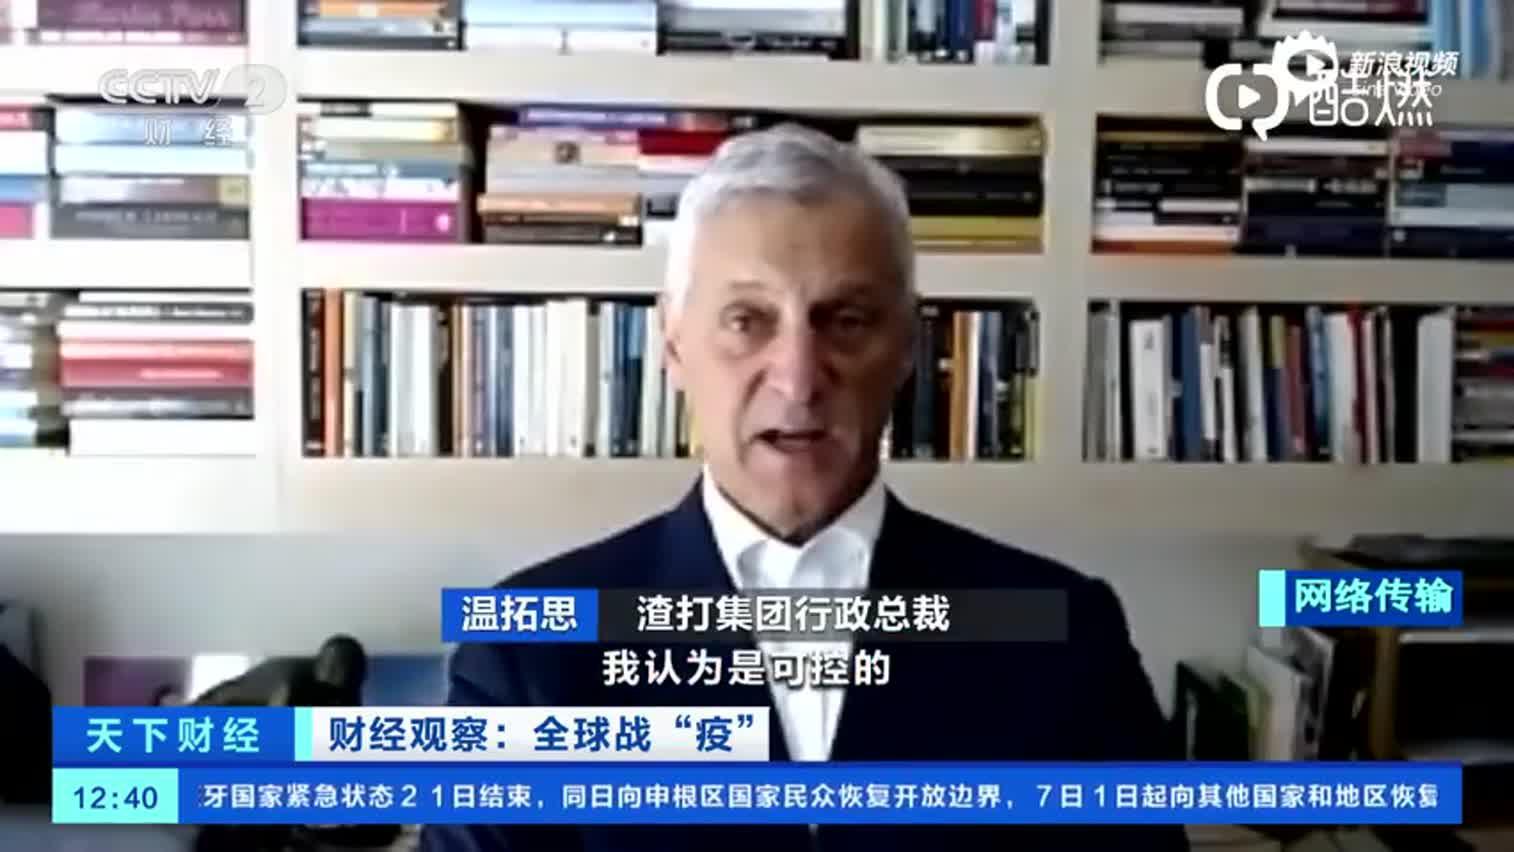 渣打集团行政总裁温拓思:全球债务风险可控 负利率效果有待观察